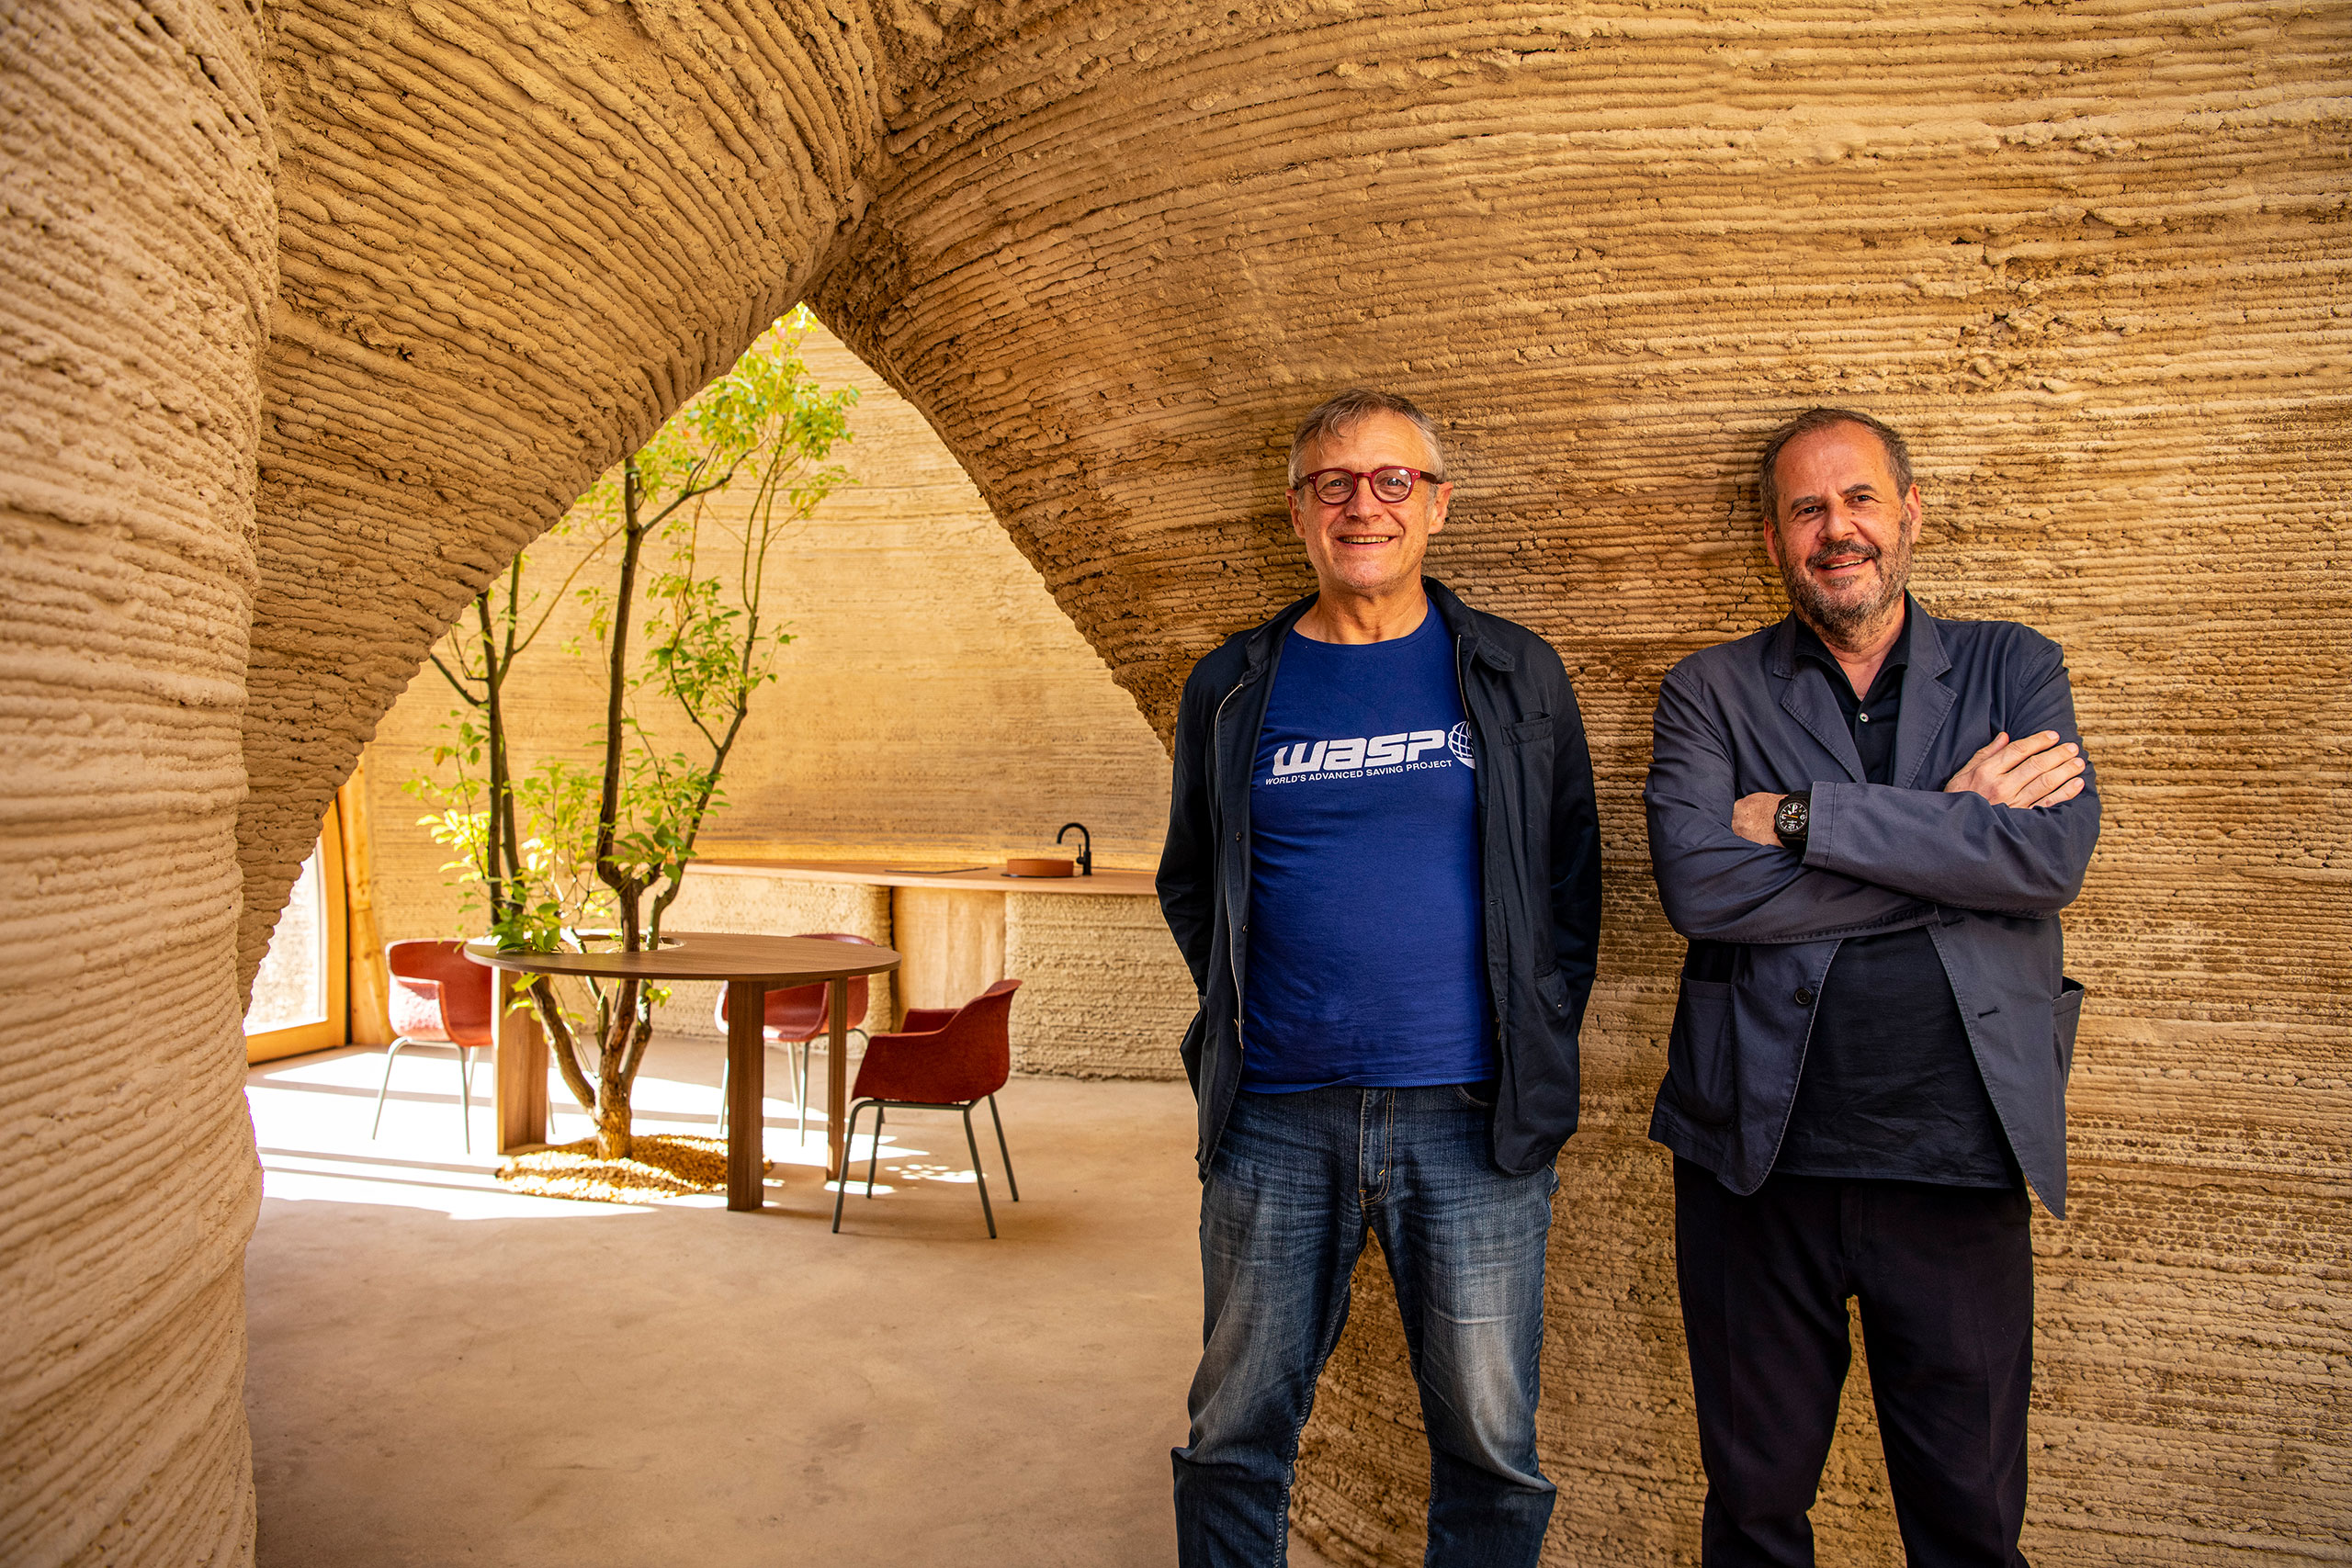 WASP CEOMassimo Moretti and ArchitectMario Cucinella.Photo by Iago Corazza.